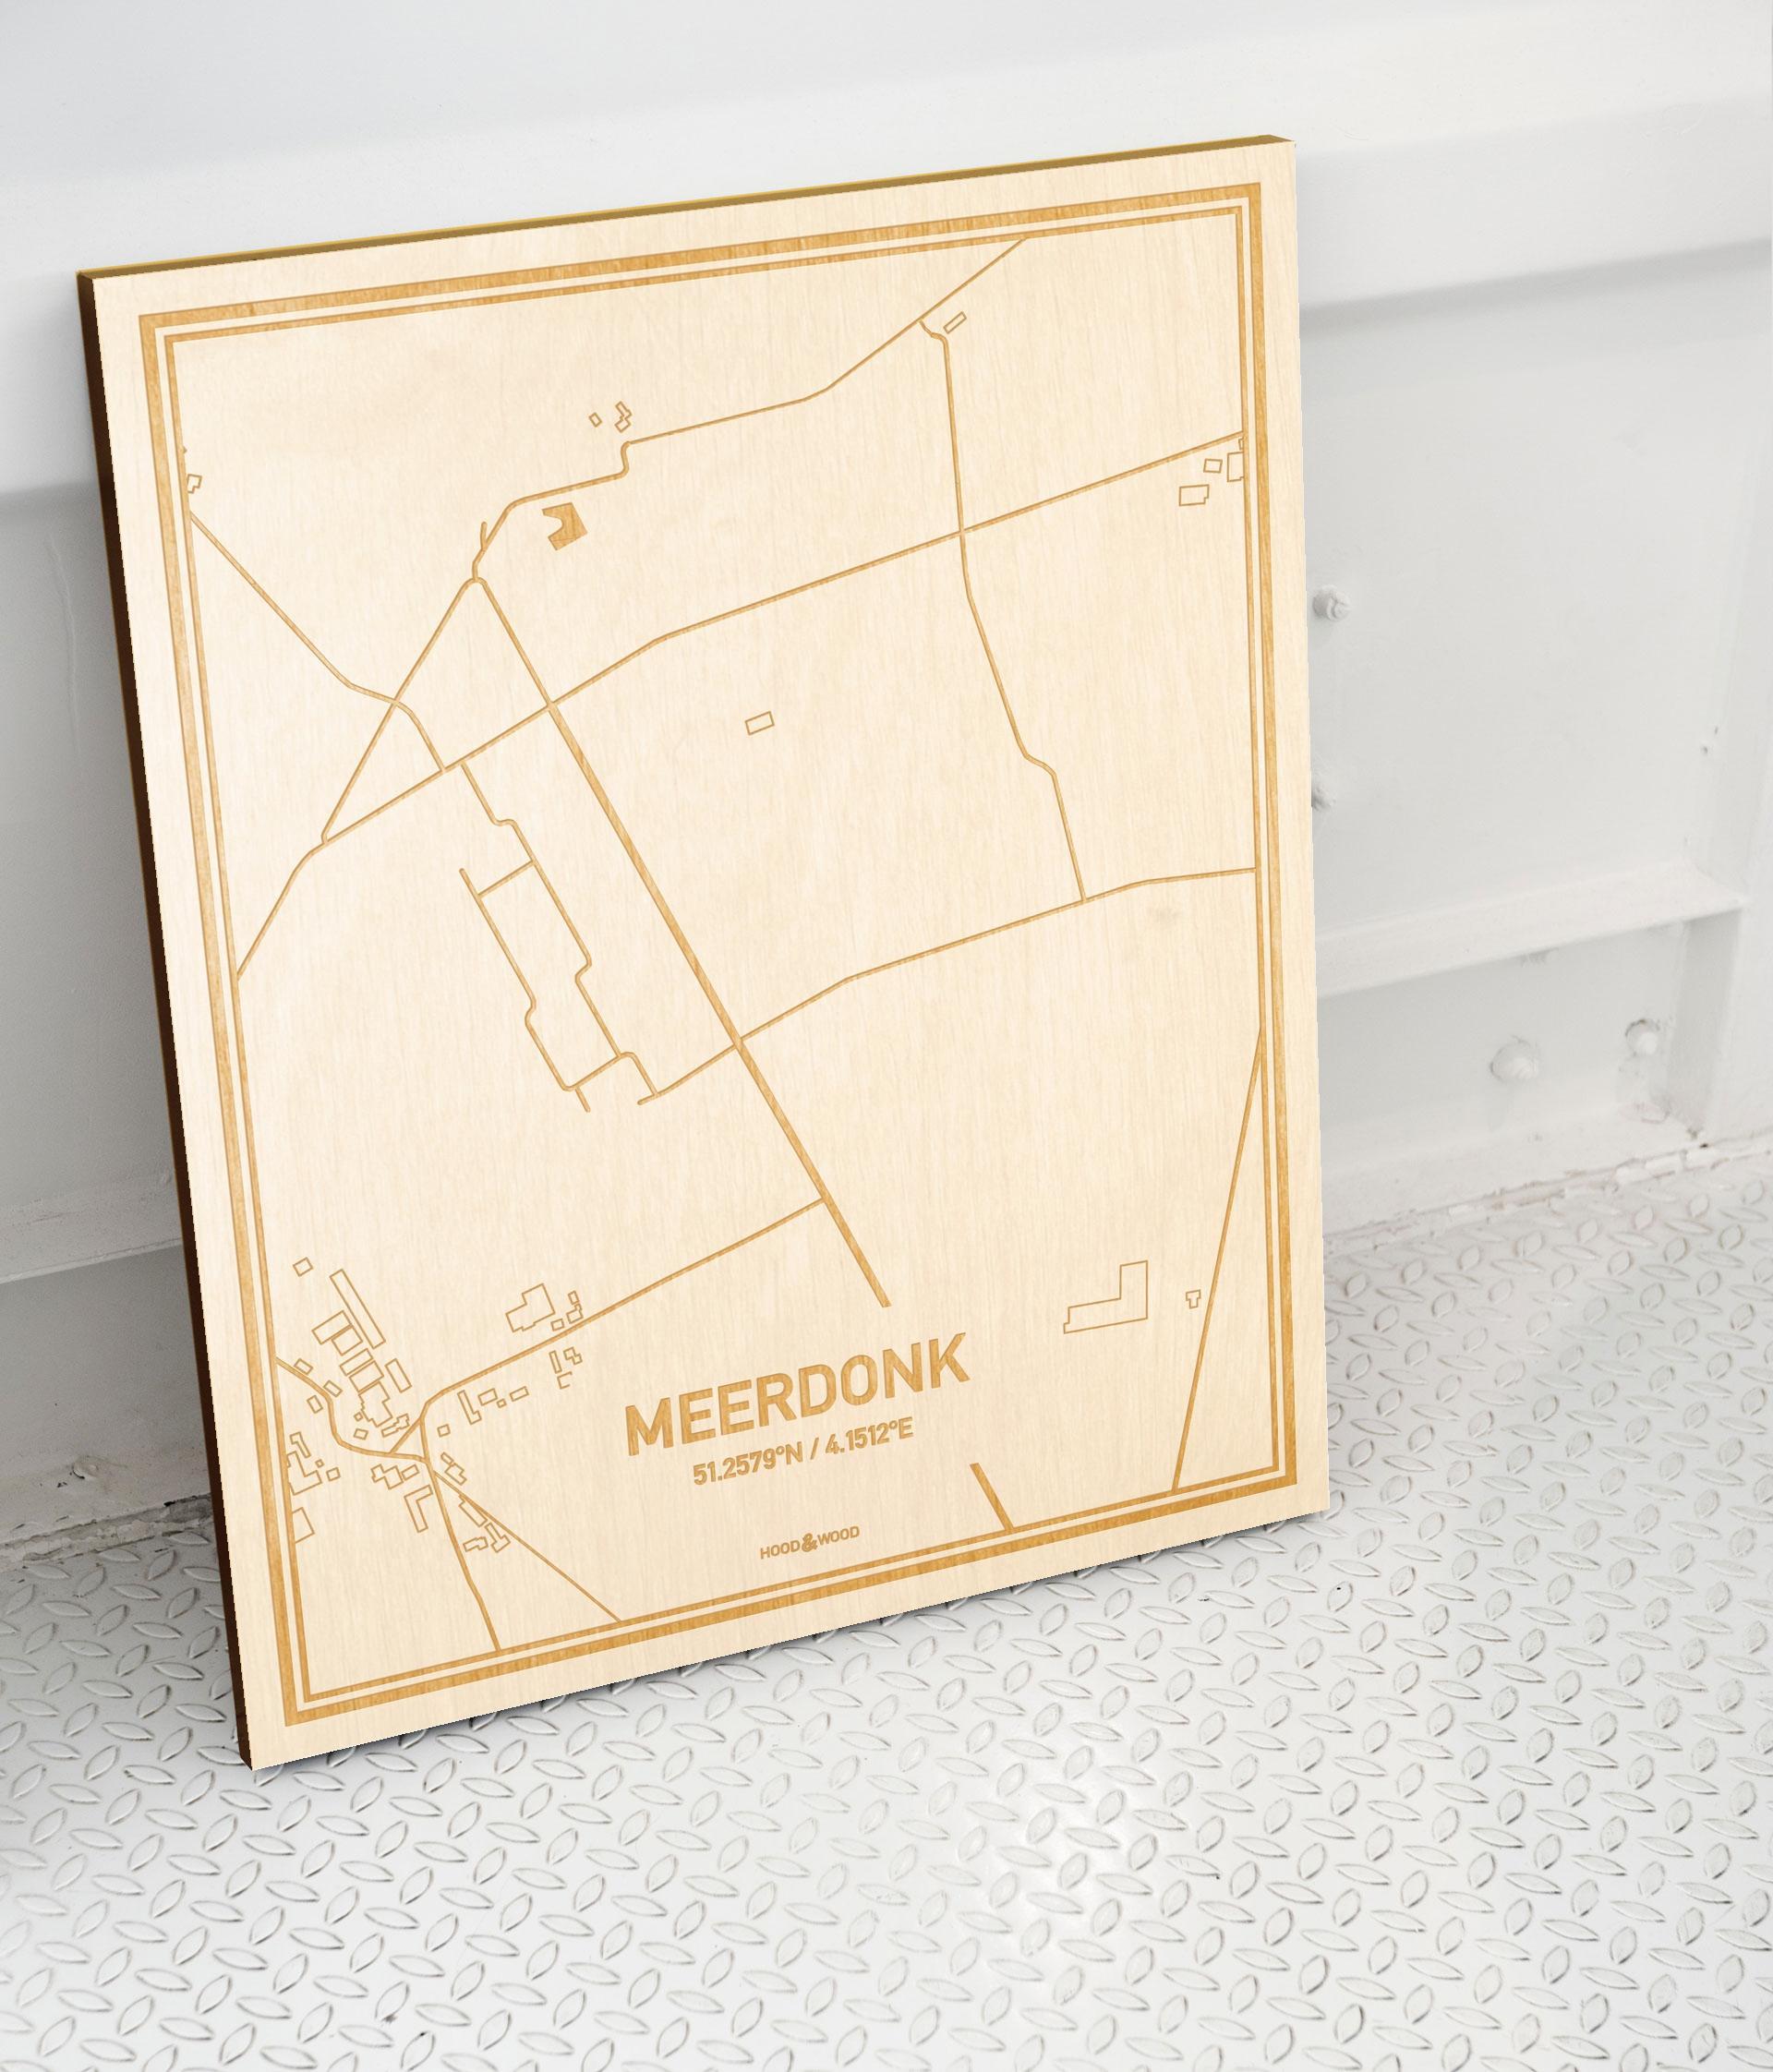 Plattegrond Meerdonk als prachtige houten wanddecoratie. Het warme hout contrasteert mooi met de witte muur.